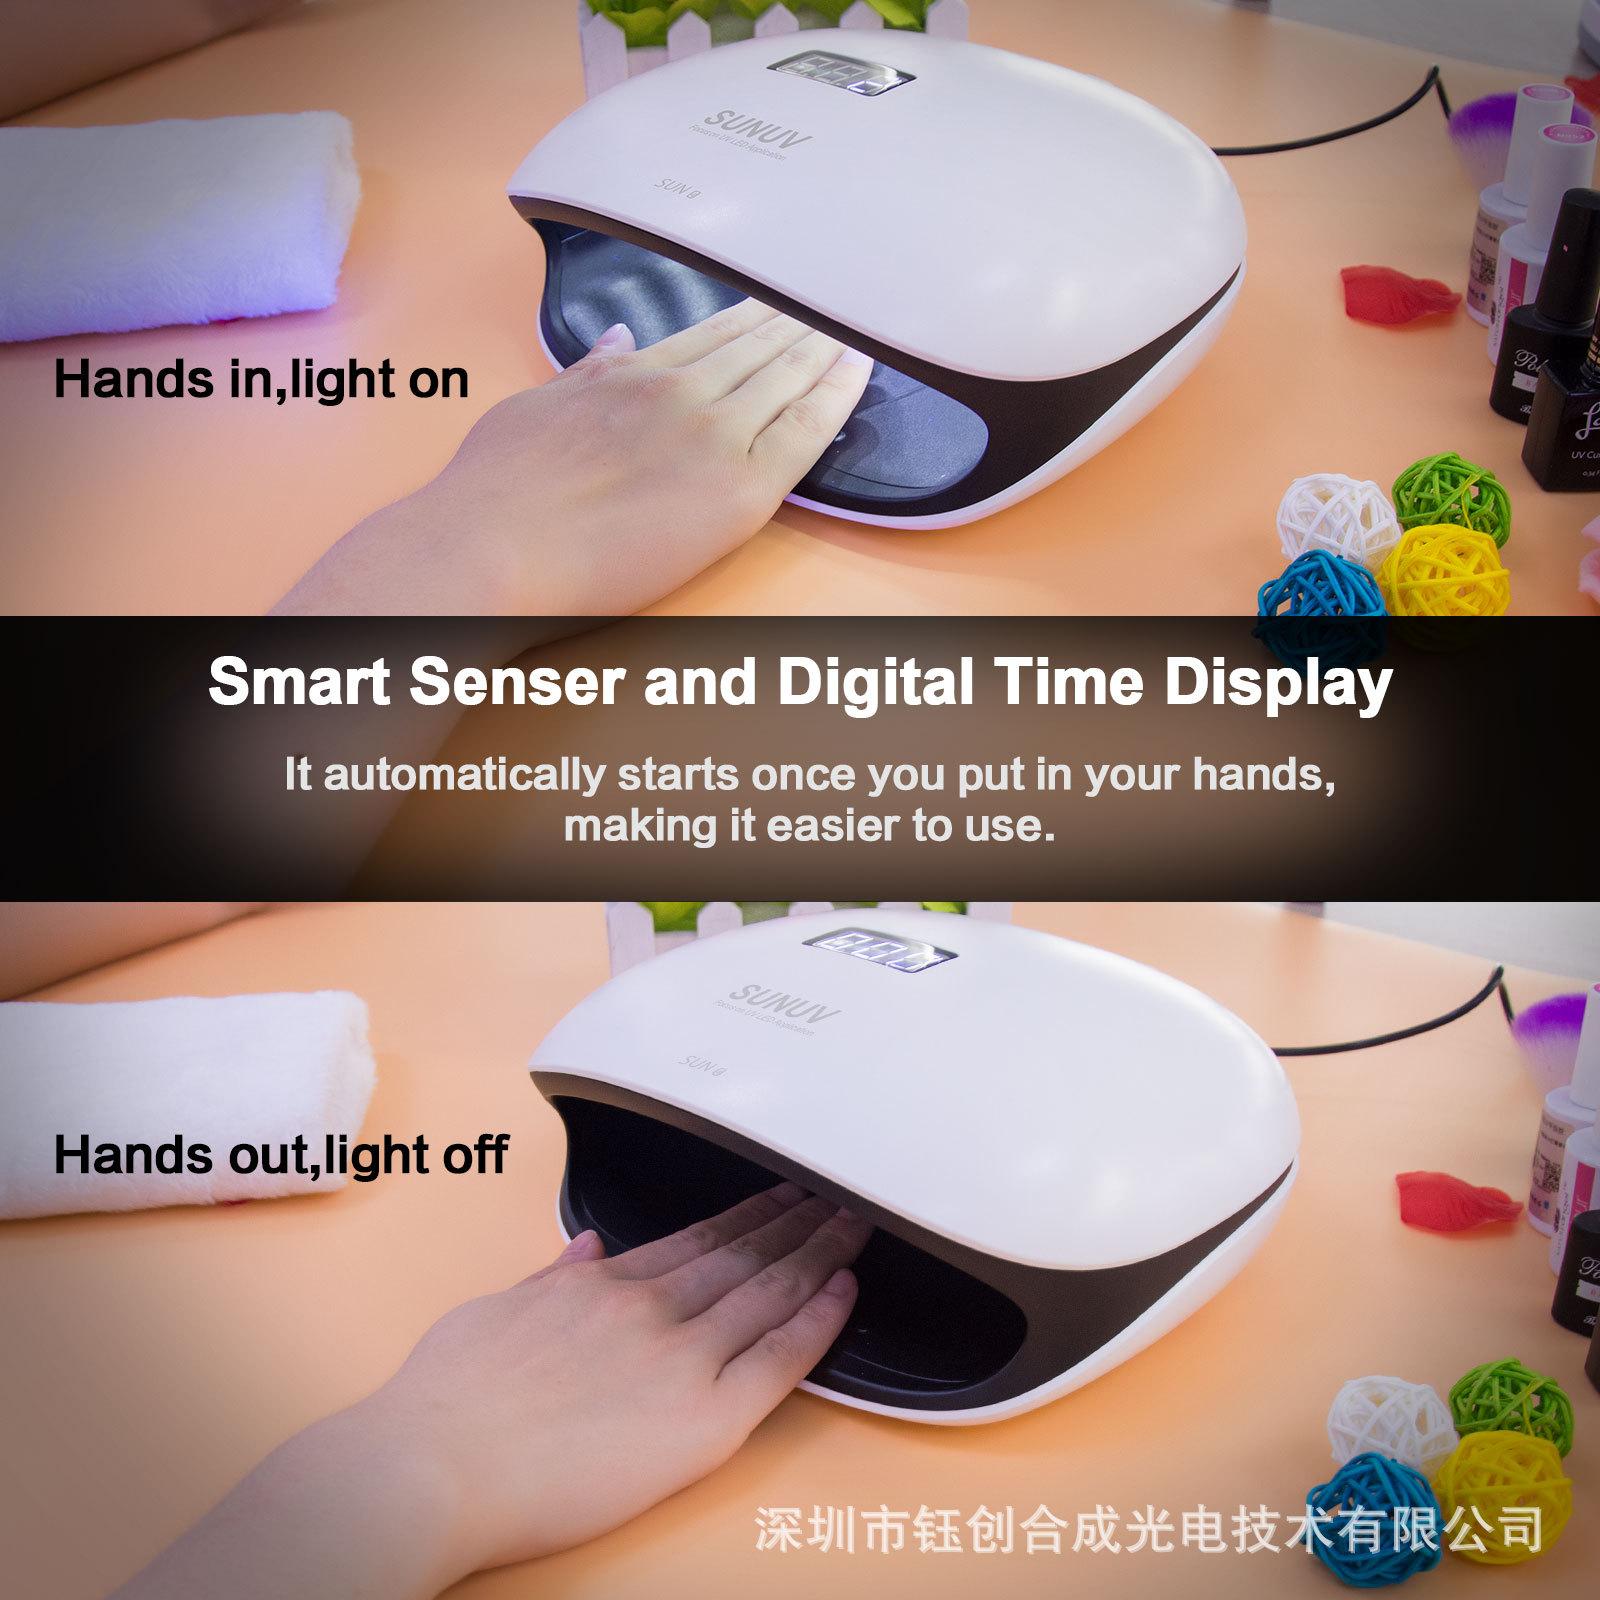 美甲机、光疗灯_SUNUV钰创合成英文品牌SUN4S美甲灯智能指甲烘干机烤灯直销